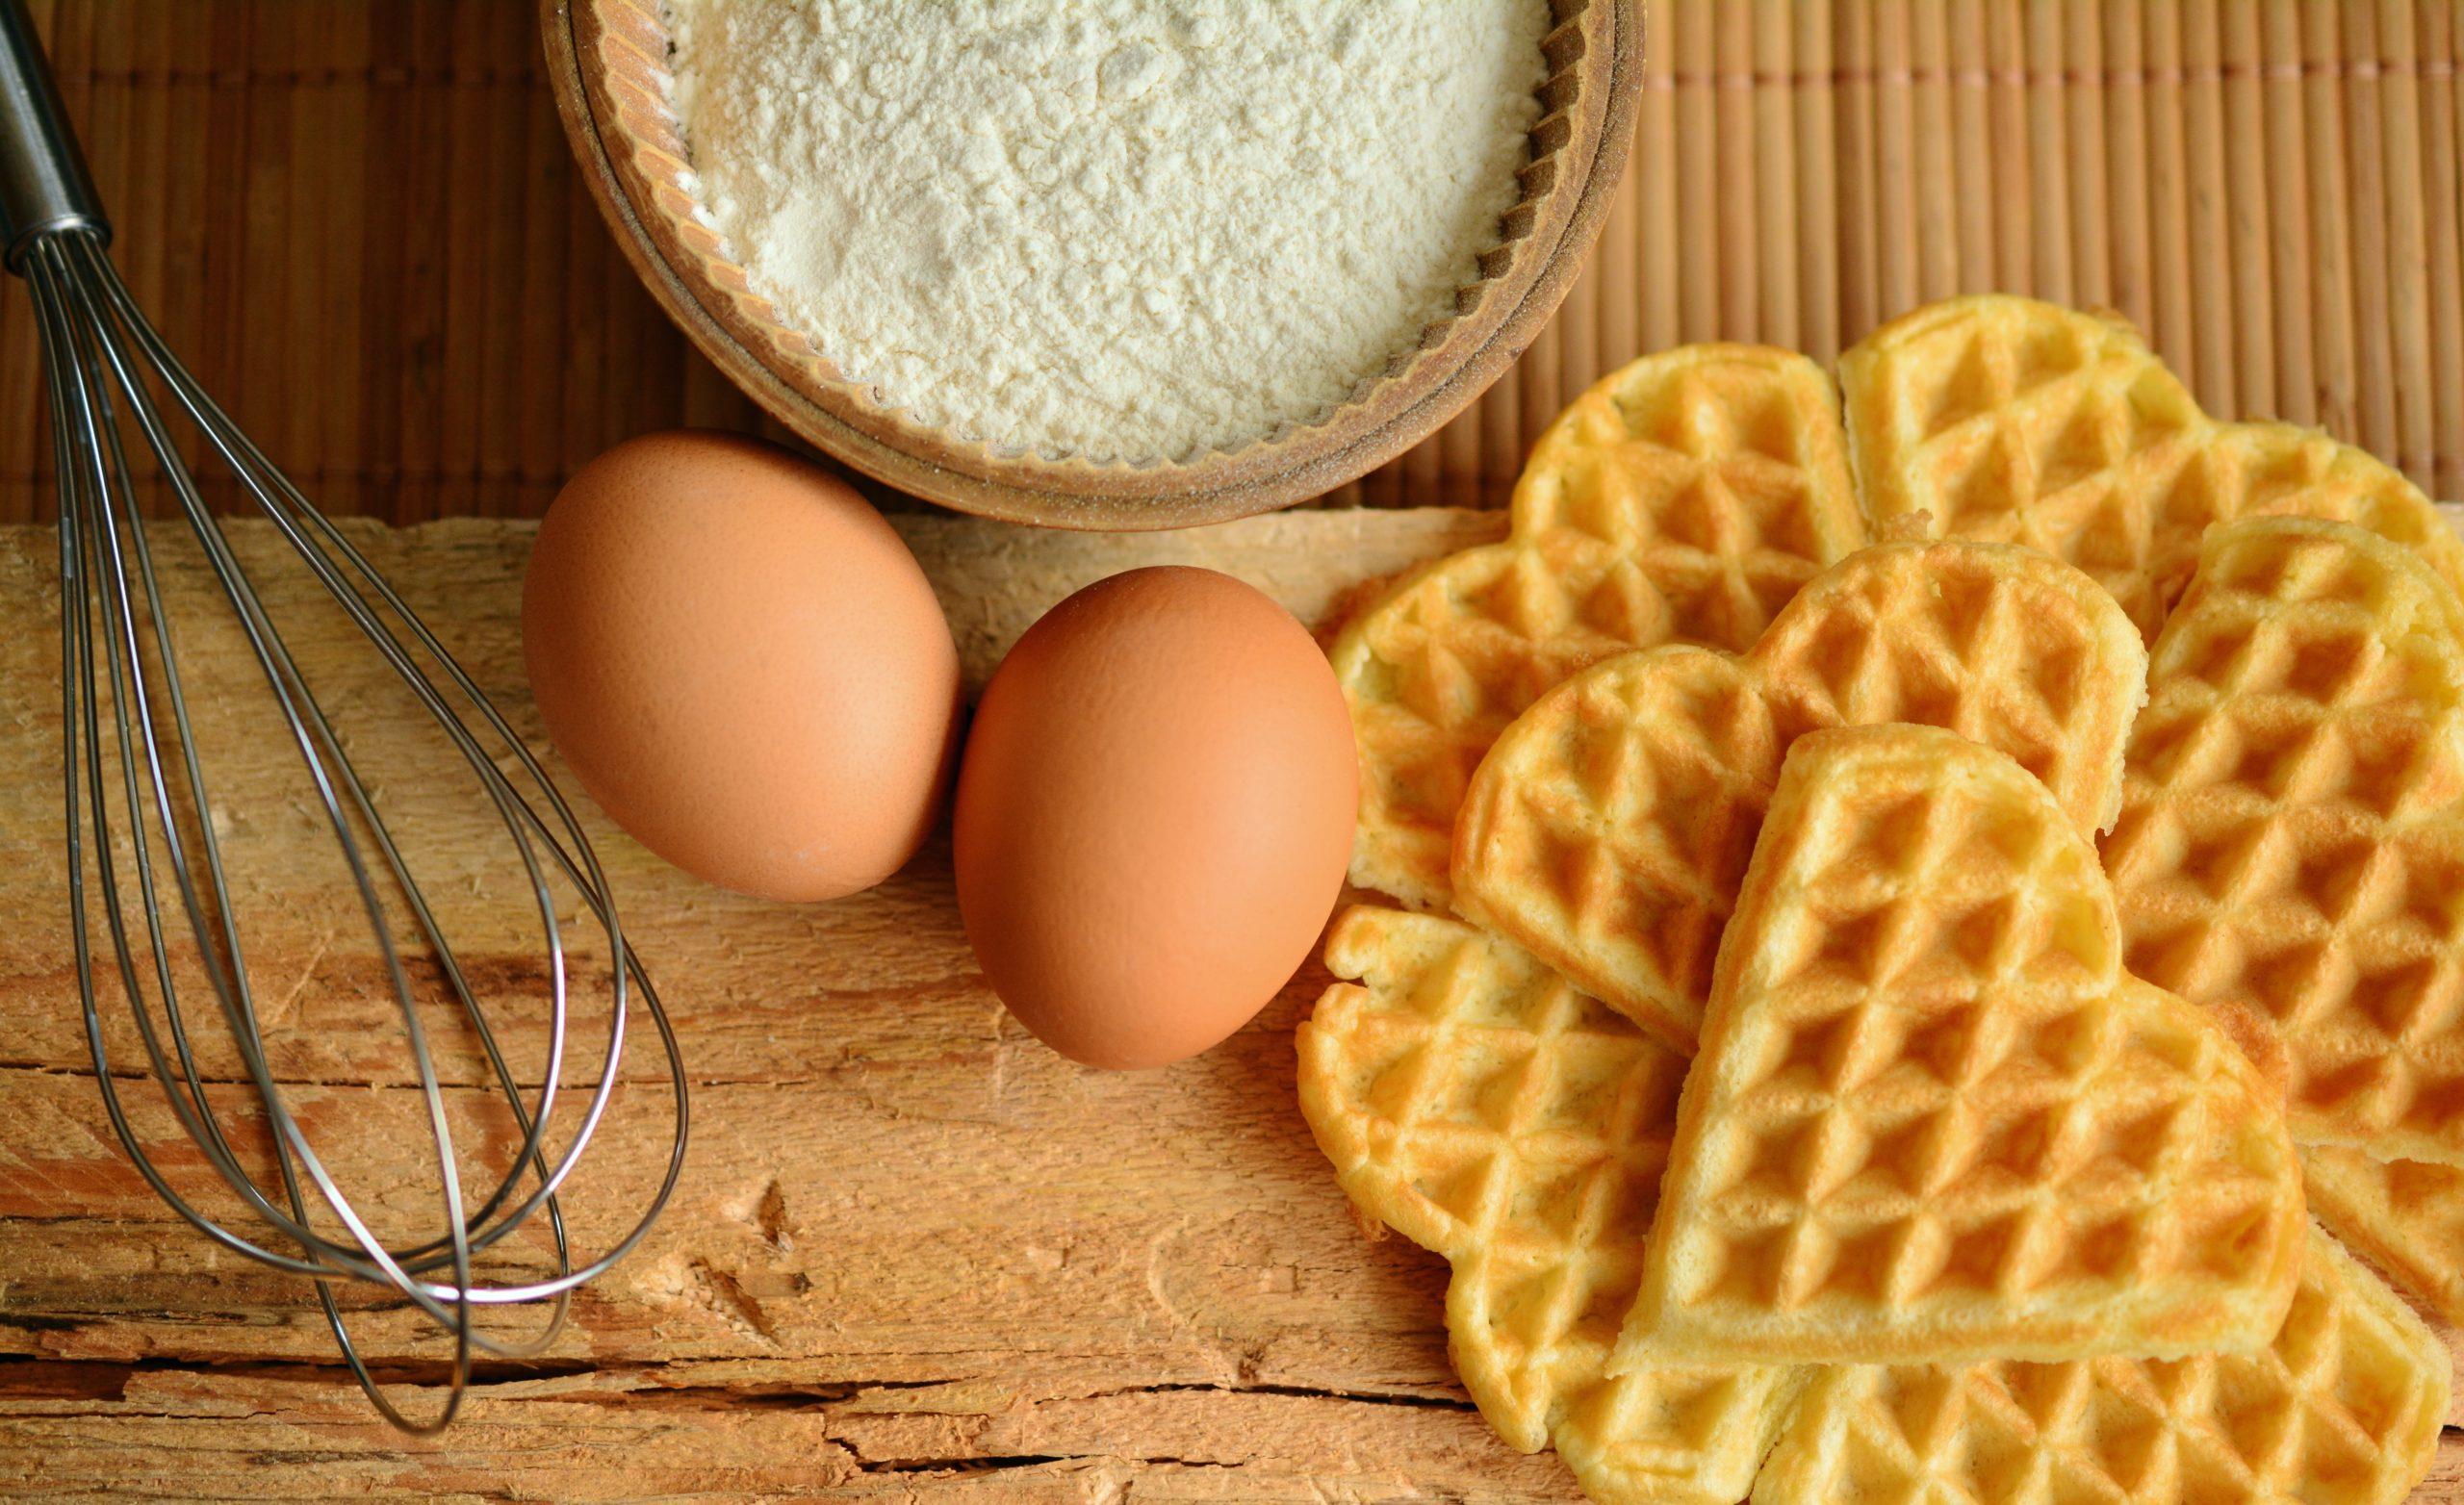 ワッフルと生卵がテーブルに置いてある